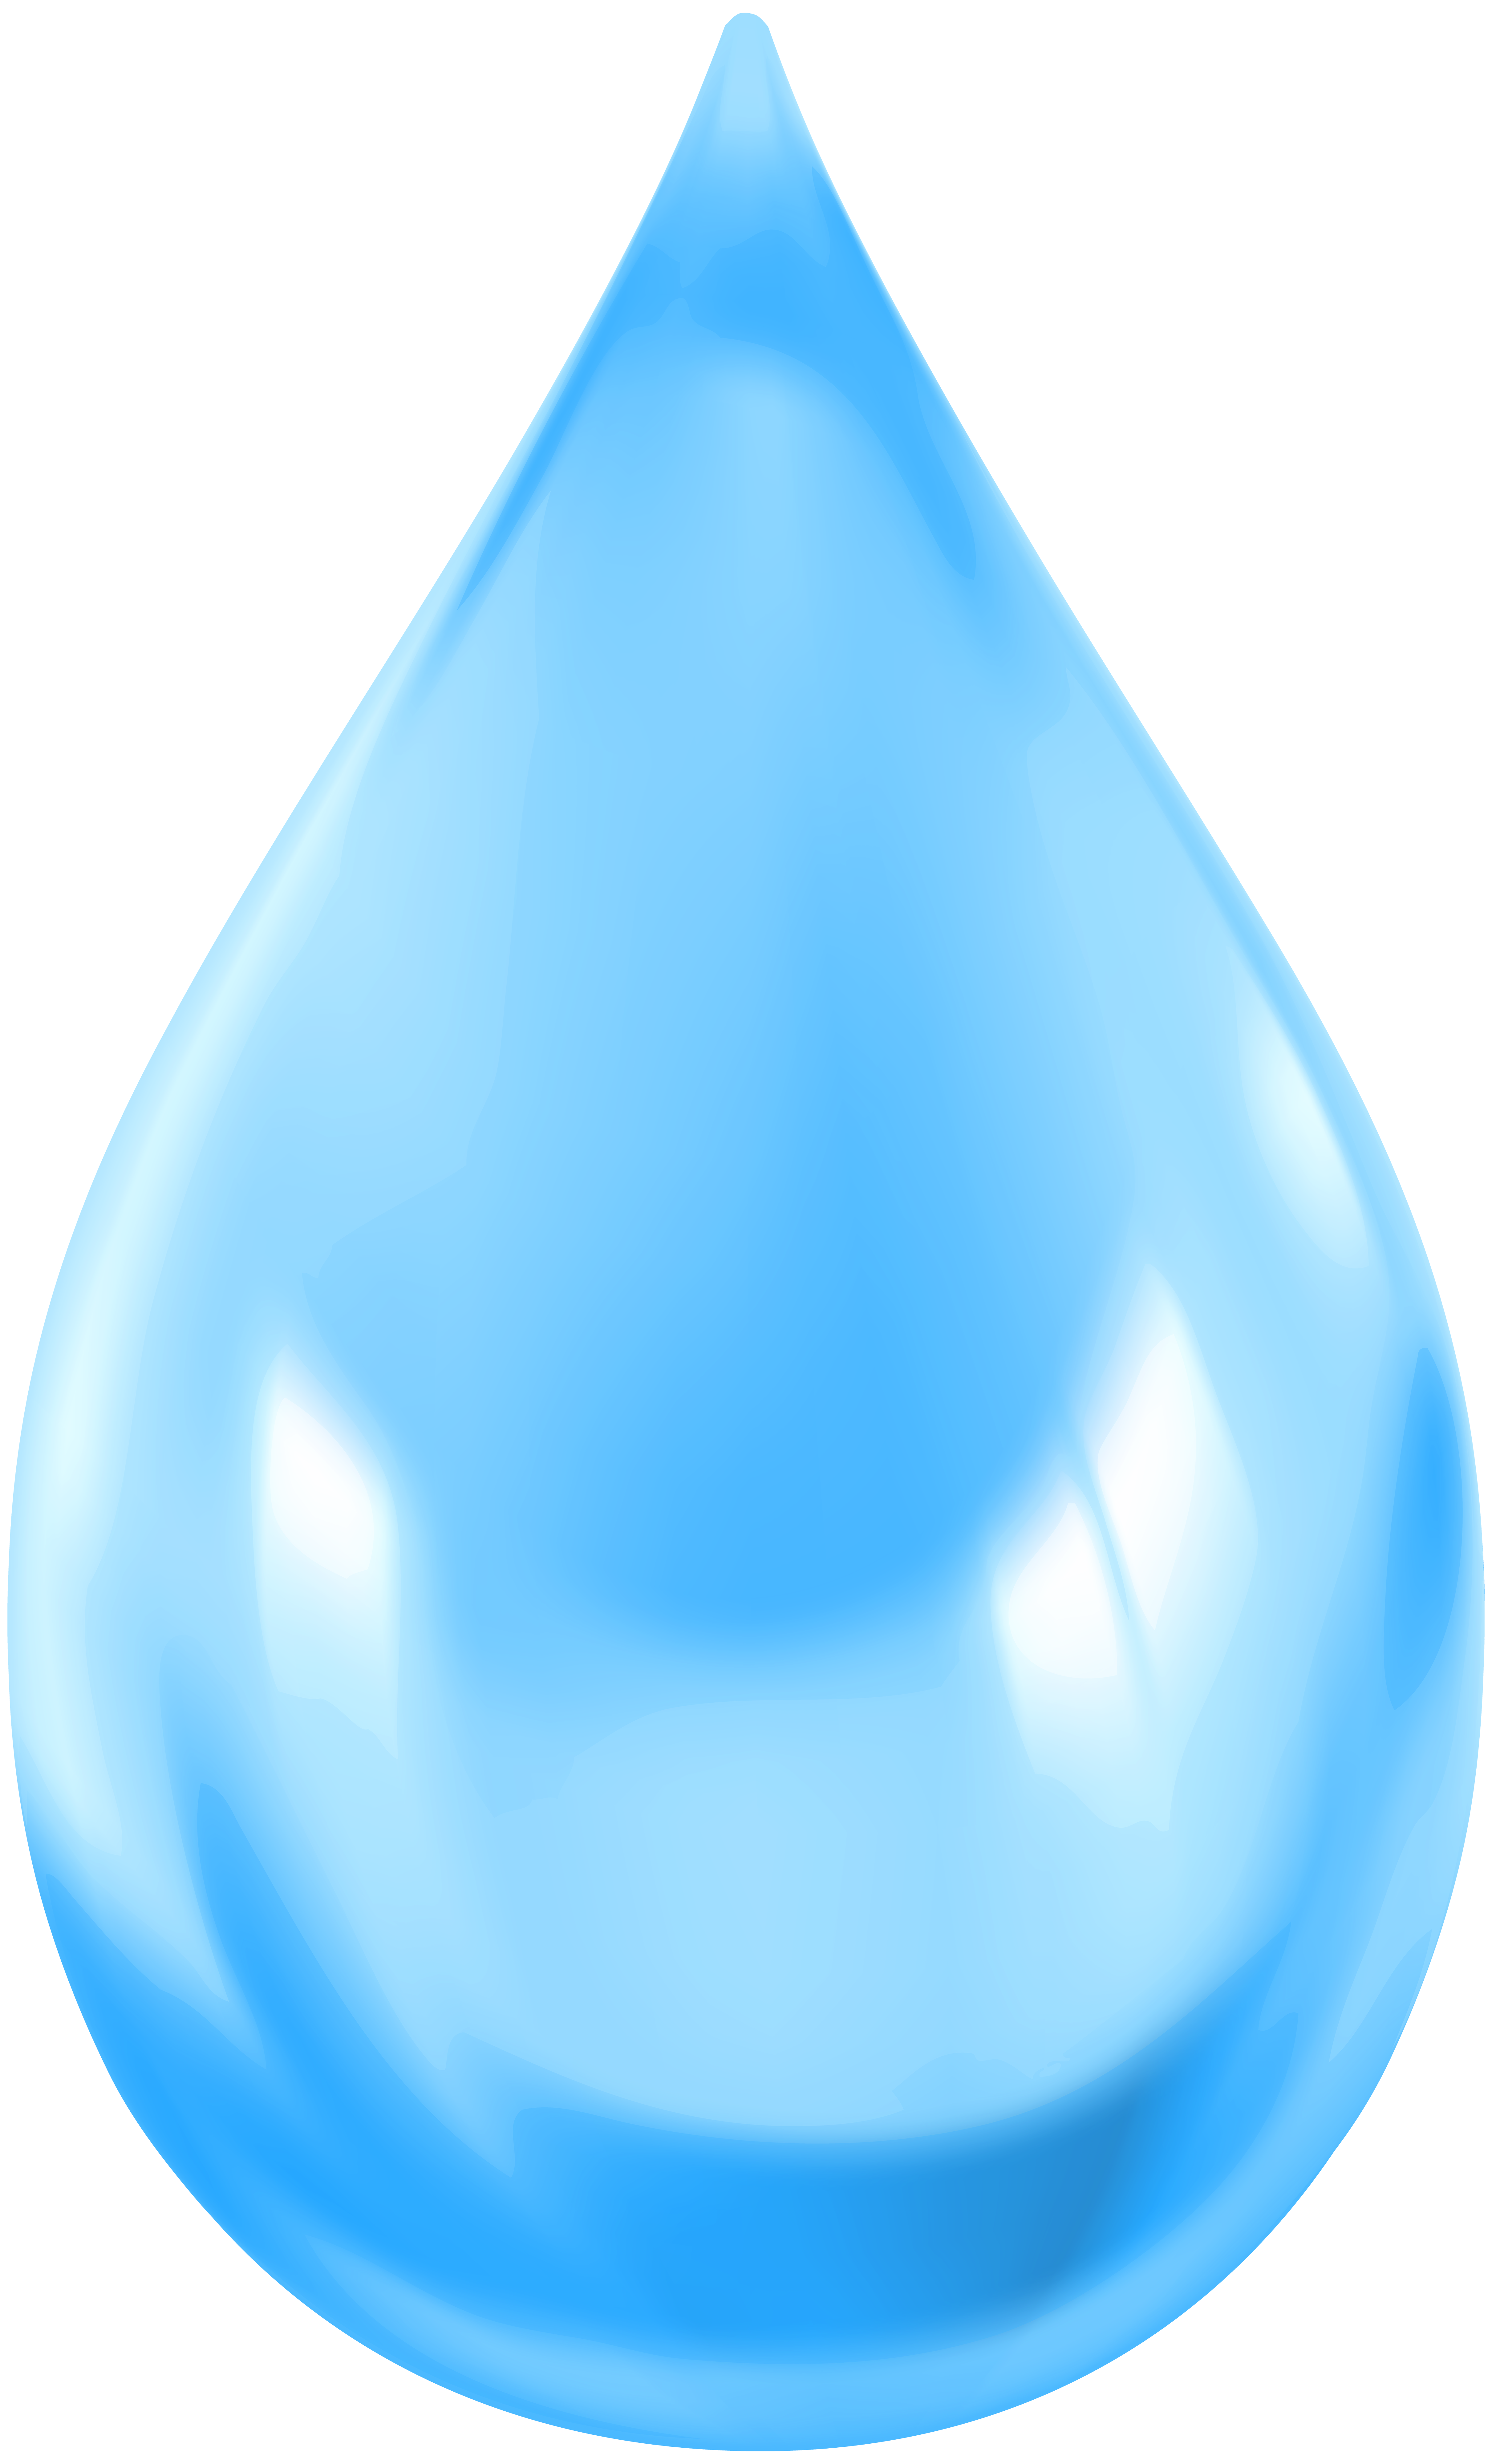 Drop transparent clip art. Water clipart spiral